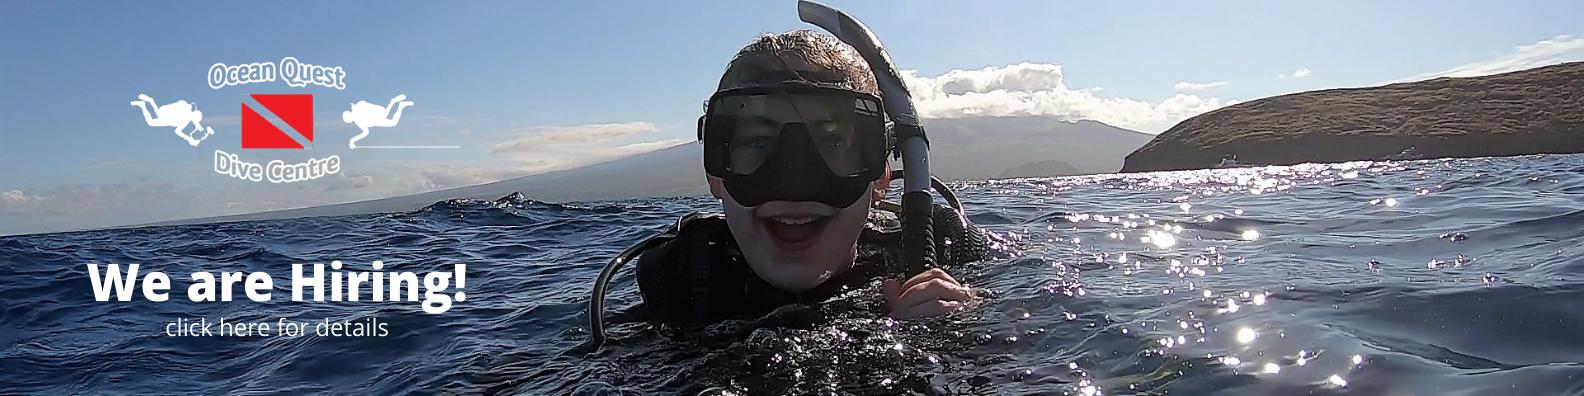 ocean_quest_is_hiring_06.21